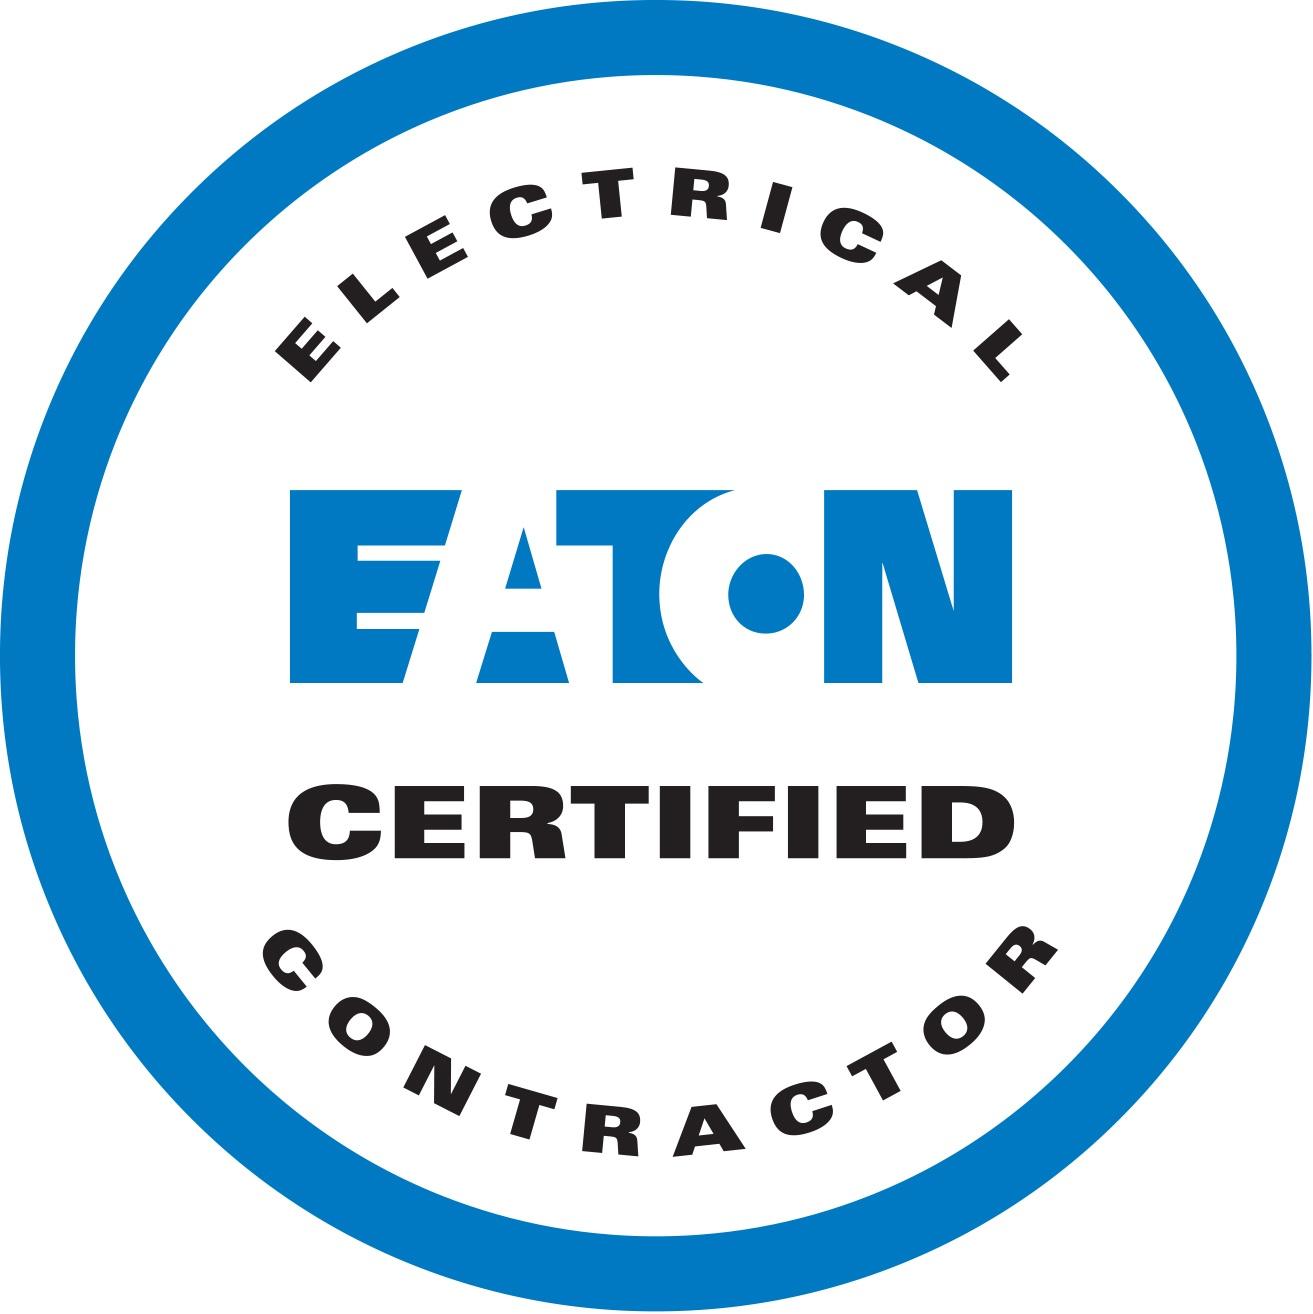 Eaton.Certified.Electrician.jpg